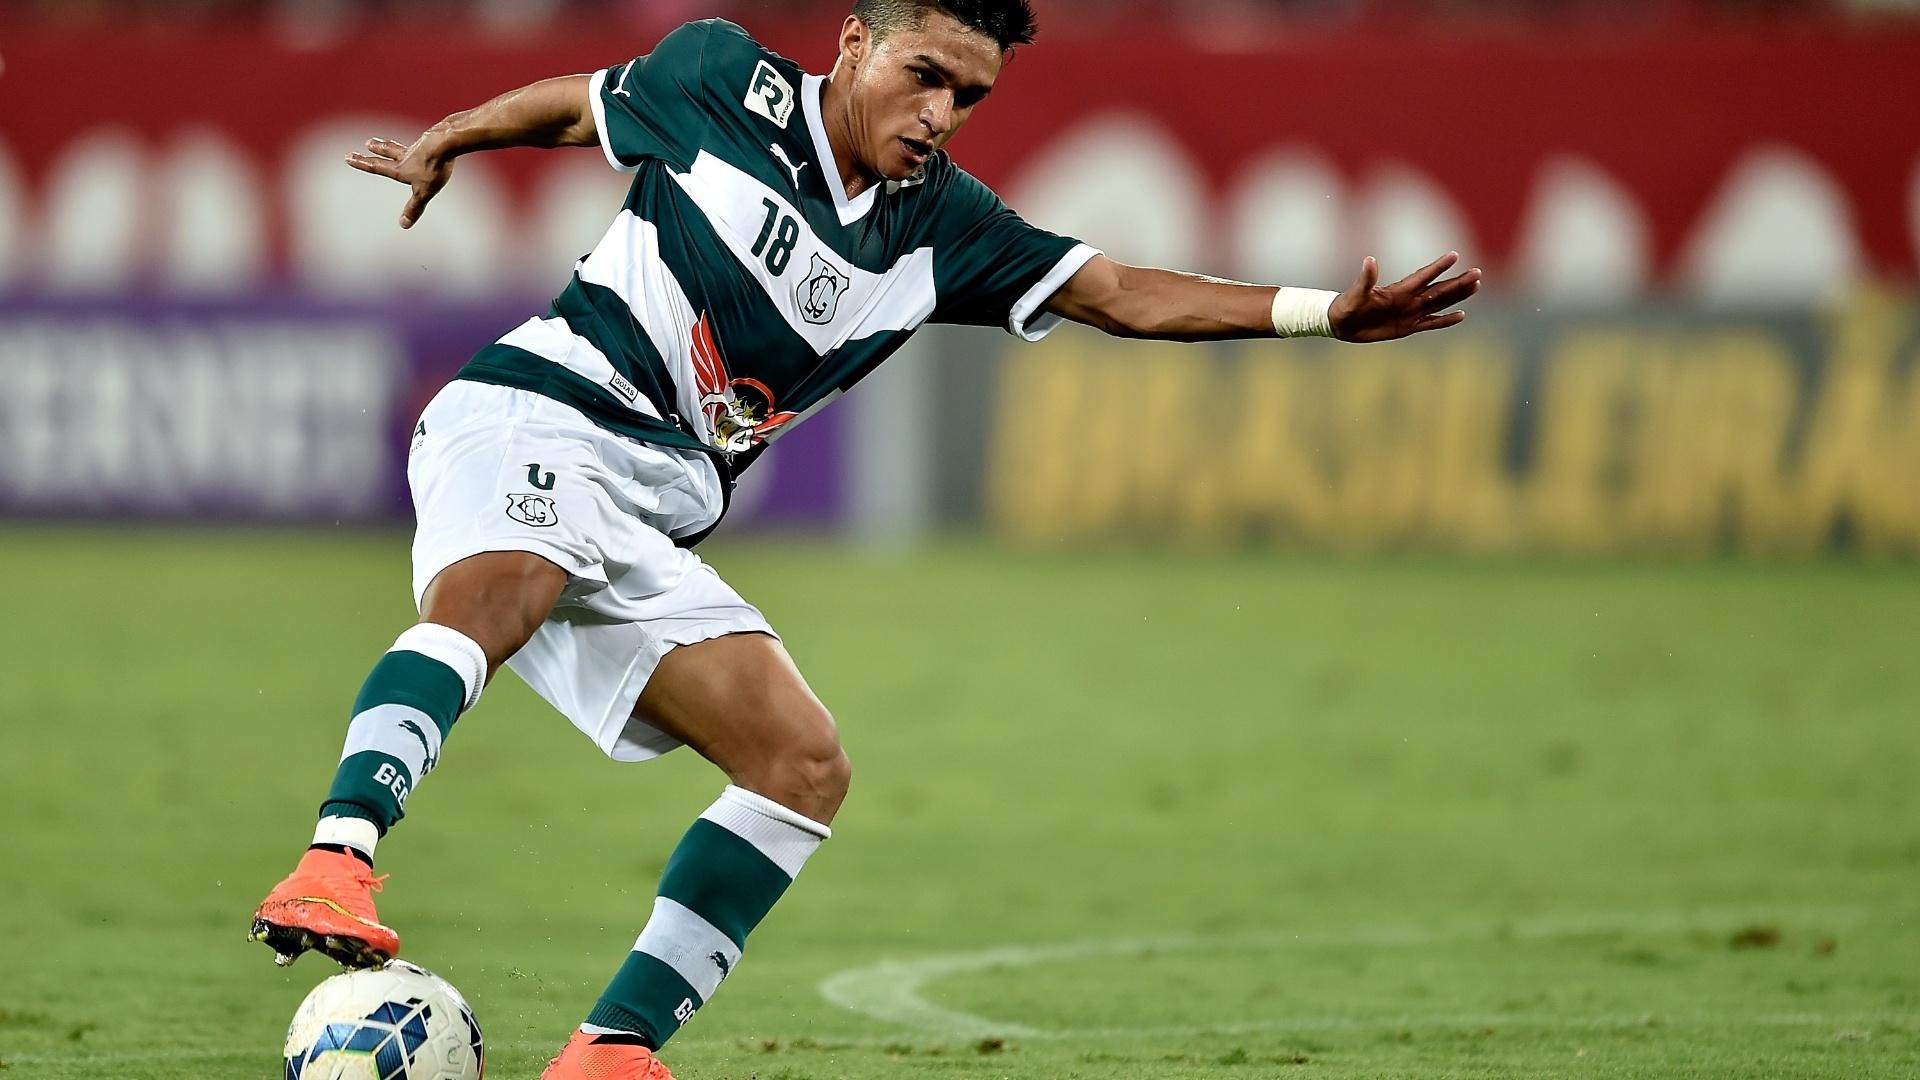 Erik domina a bola na partida entre Goiás e Flamengo pelo Brasileirão